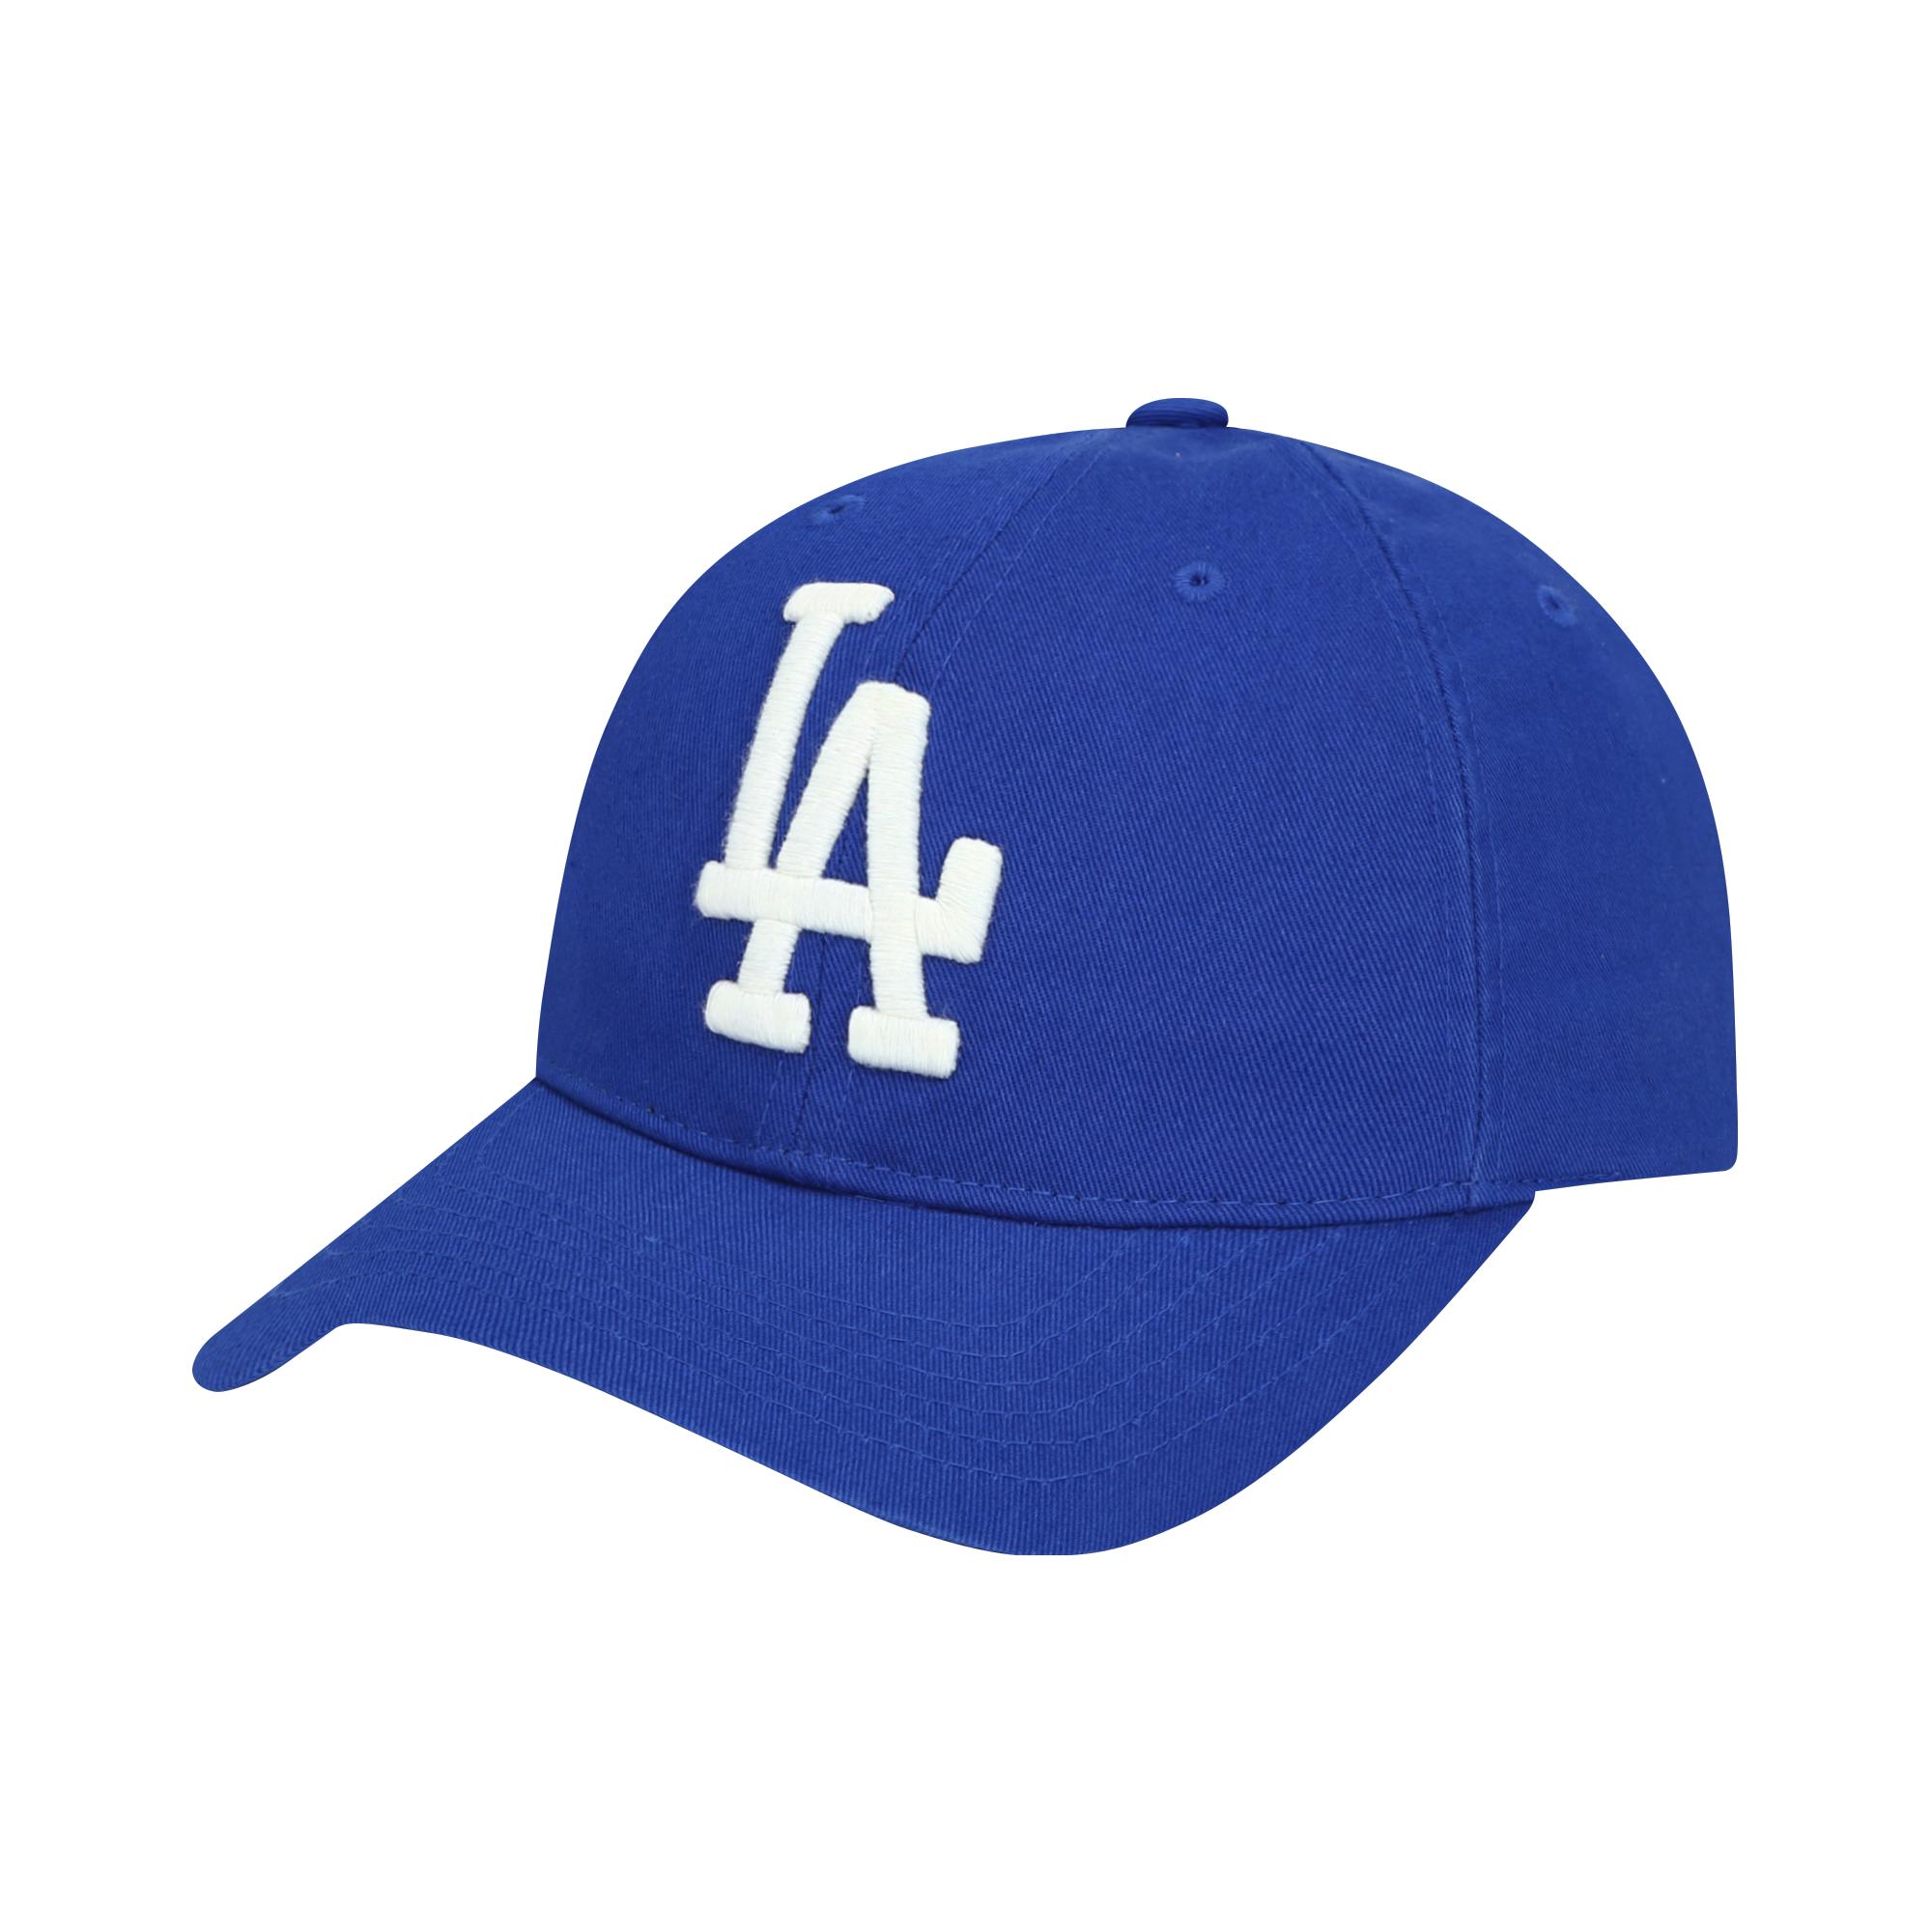 LA DODGERS SIDE CURSIVE BALL CAP